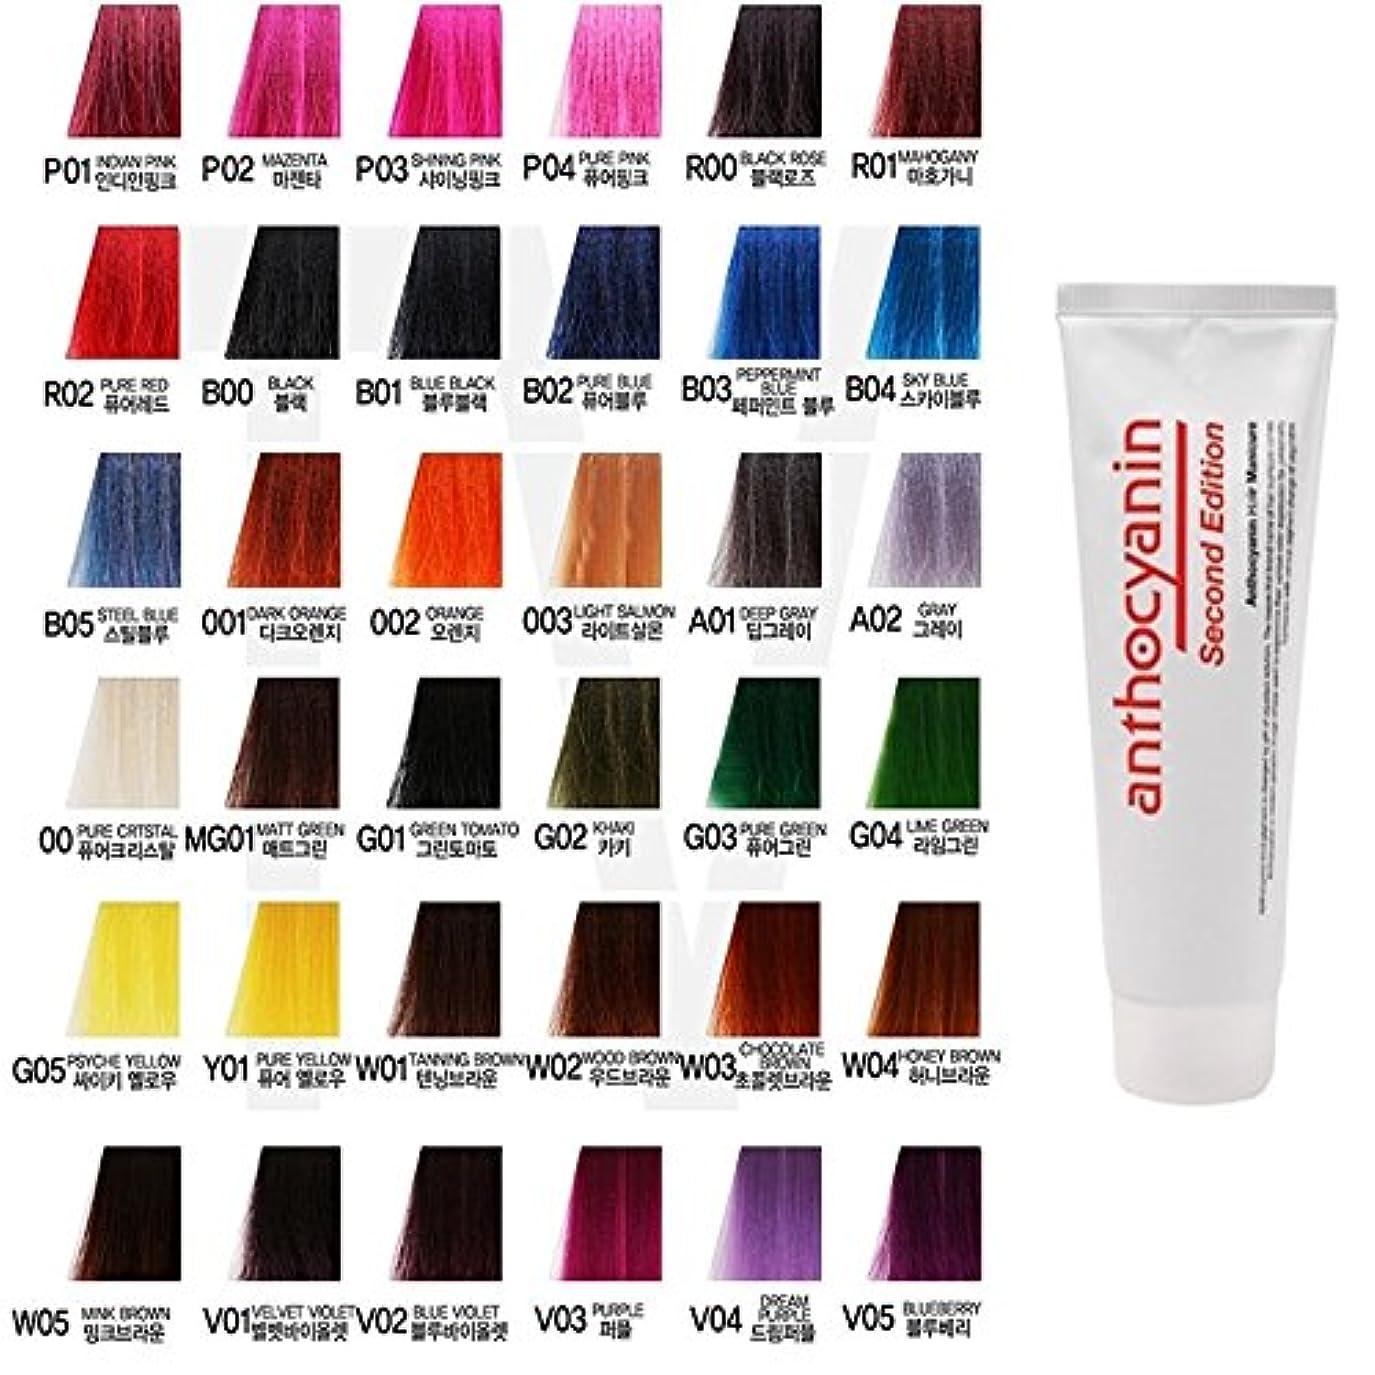 ロケーション水星ブルジョンヘア マニキュア カラー セカンド エディション 230g セミ パーマネント 染毛剤 ( Hair Manicure Color Second Edition 230g Semi Permanent Hair Dye) [並行輸入品] (A01 Deep Gray)